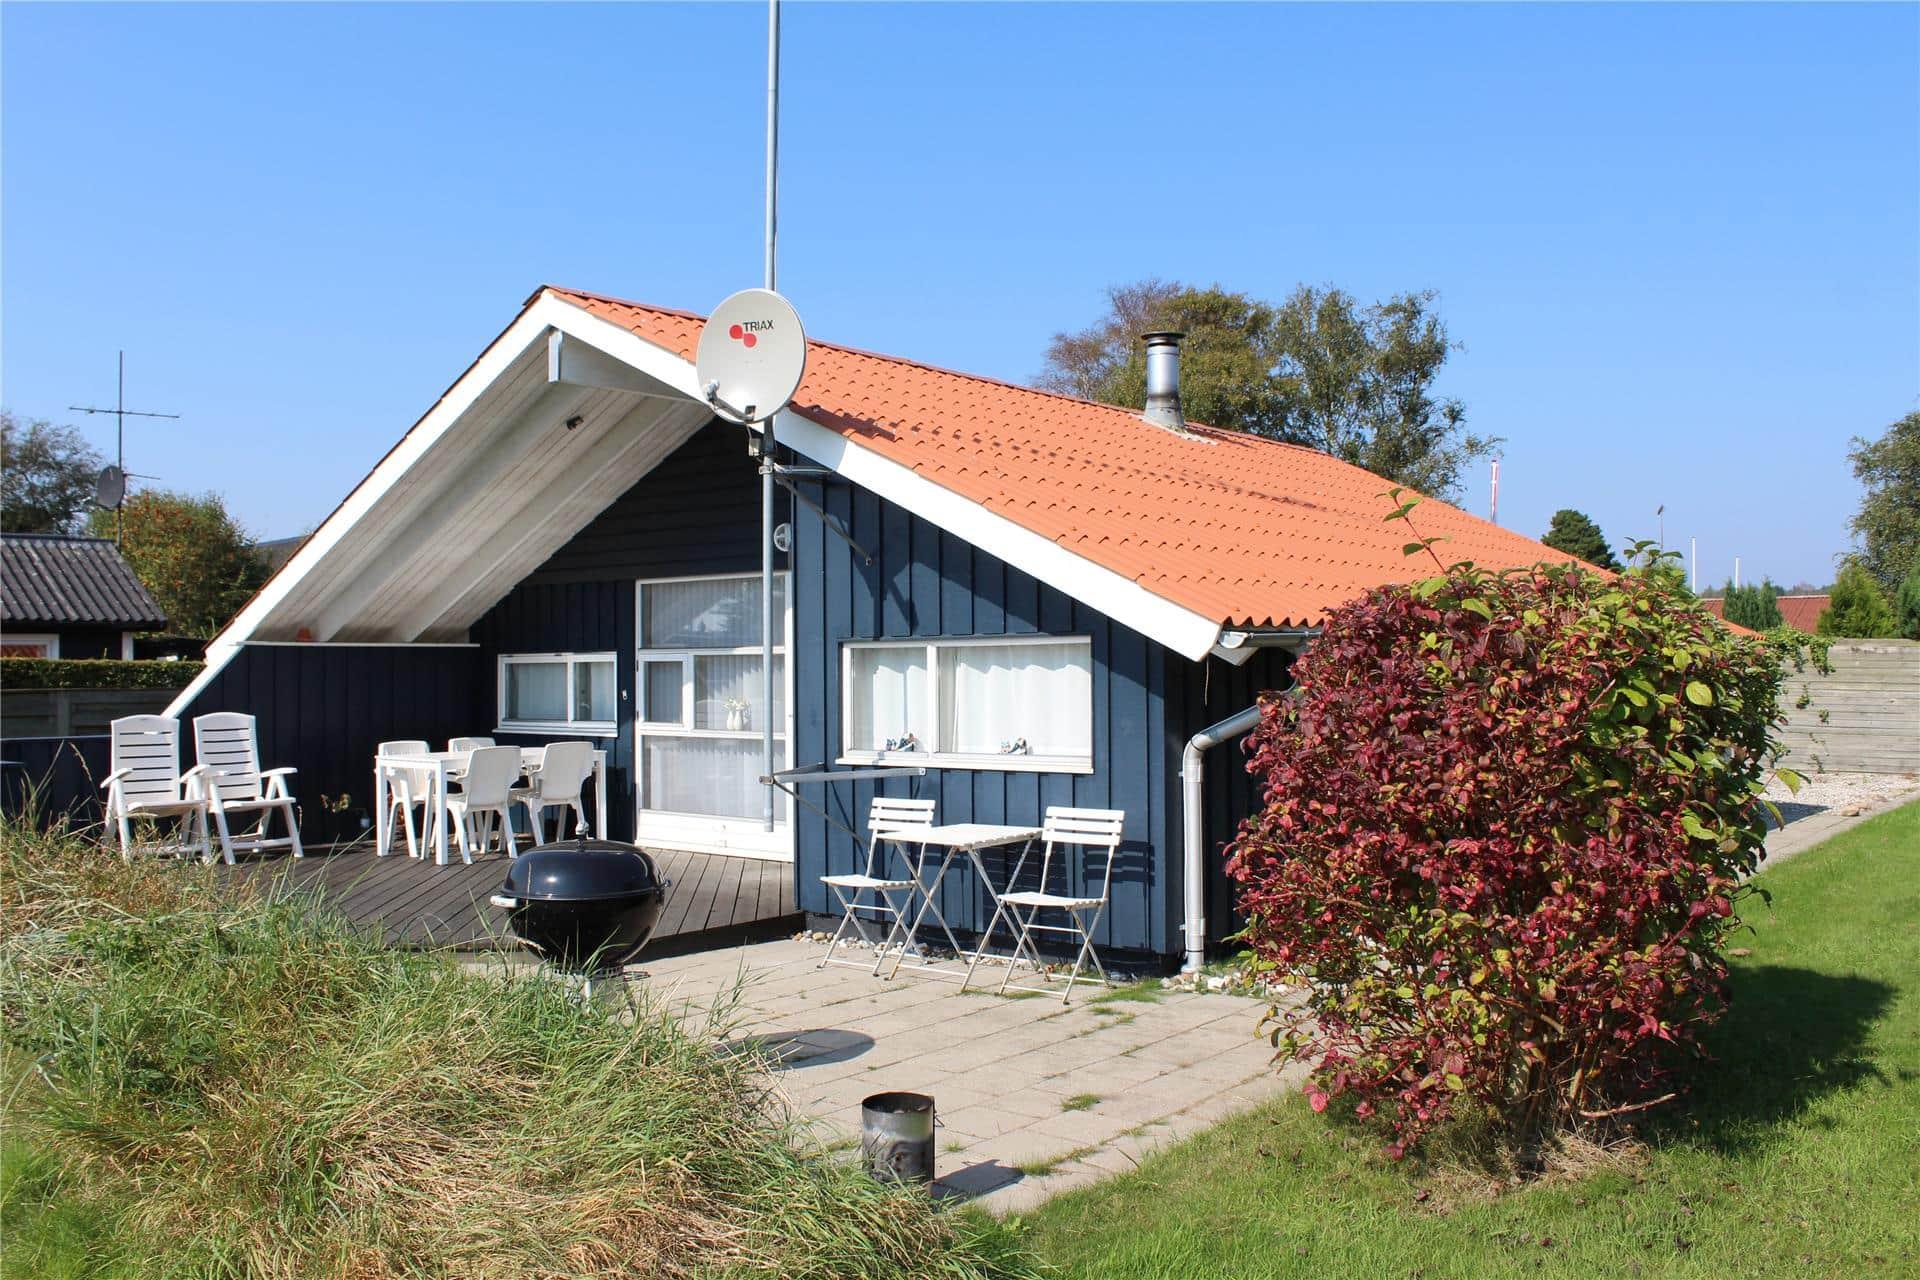 Afbeelding 1-3 Vakantiehuis F50256, Solkrogen 2, DK - 7080 Børkop